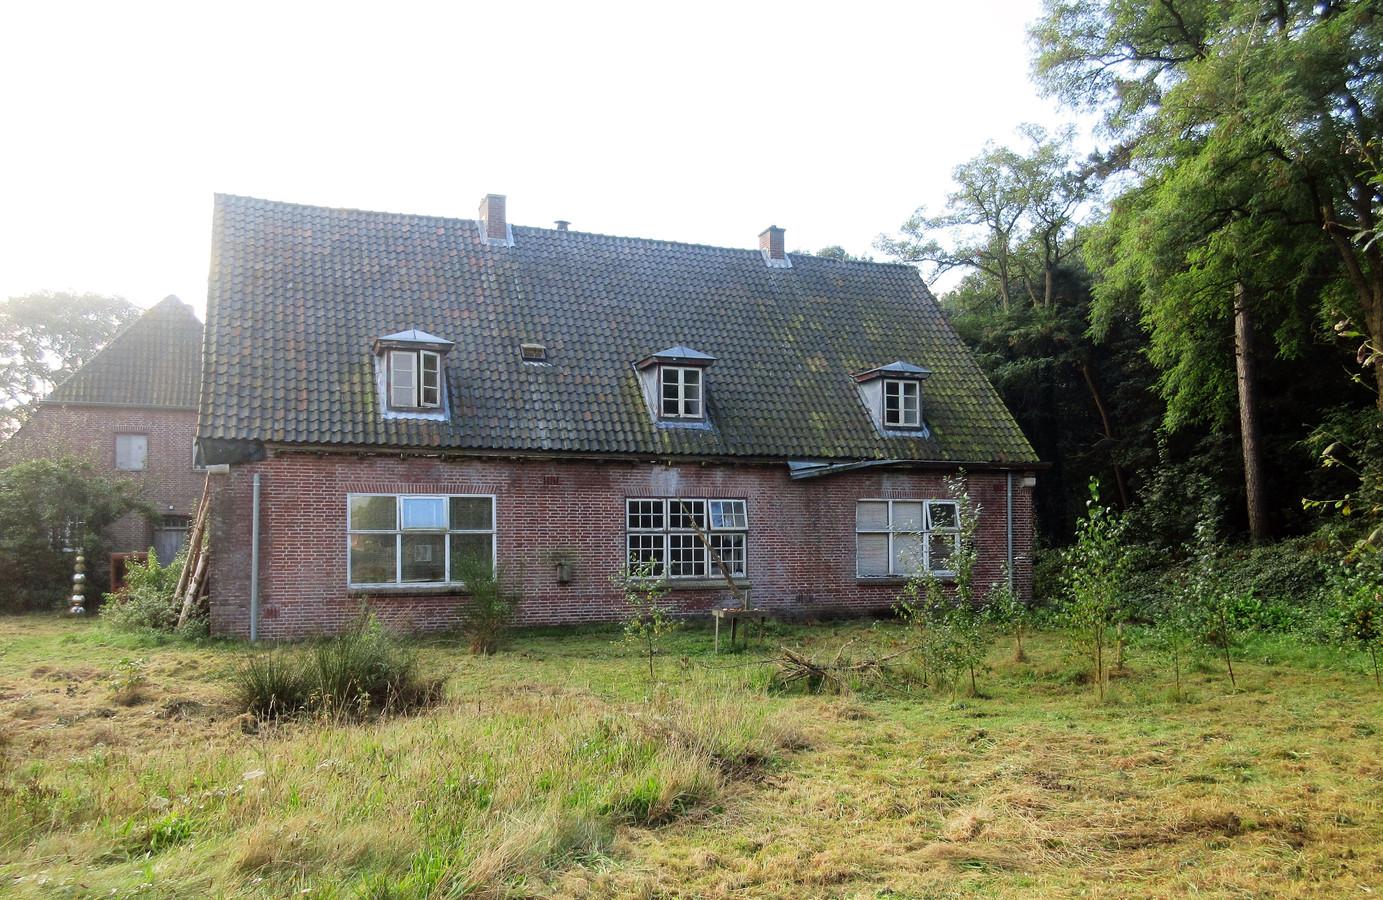 Gebouw 40 op AZC Prinsenbosch in Gilze dat antikraak wordt bewoond is een van de voormalige officierswoningen die er slecht bij staan.